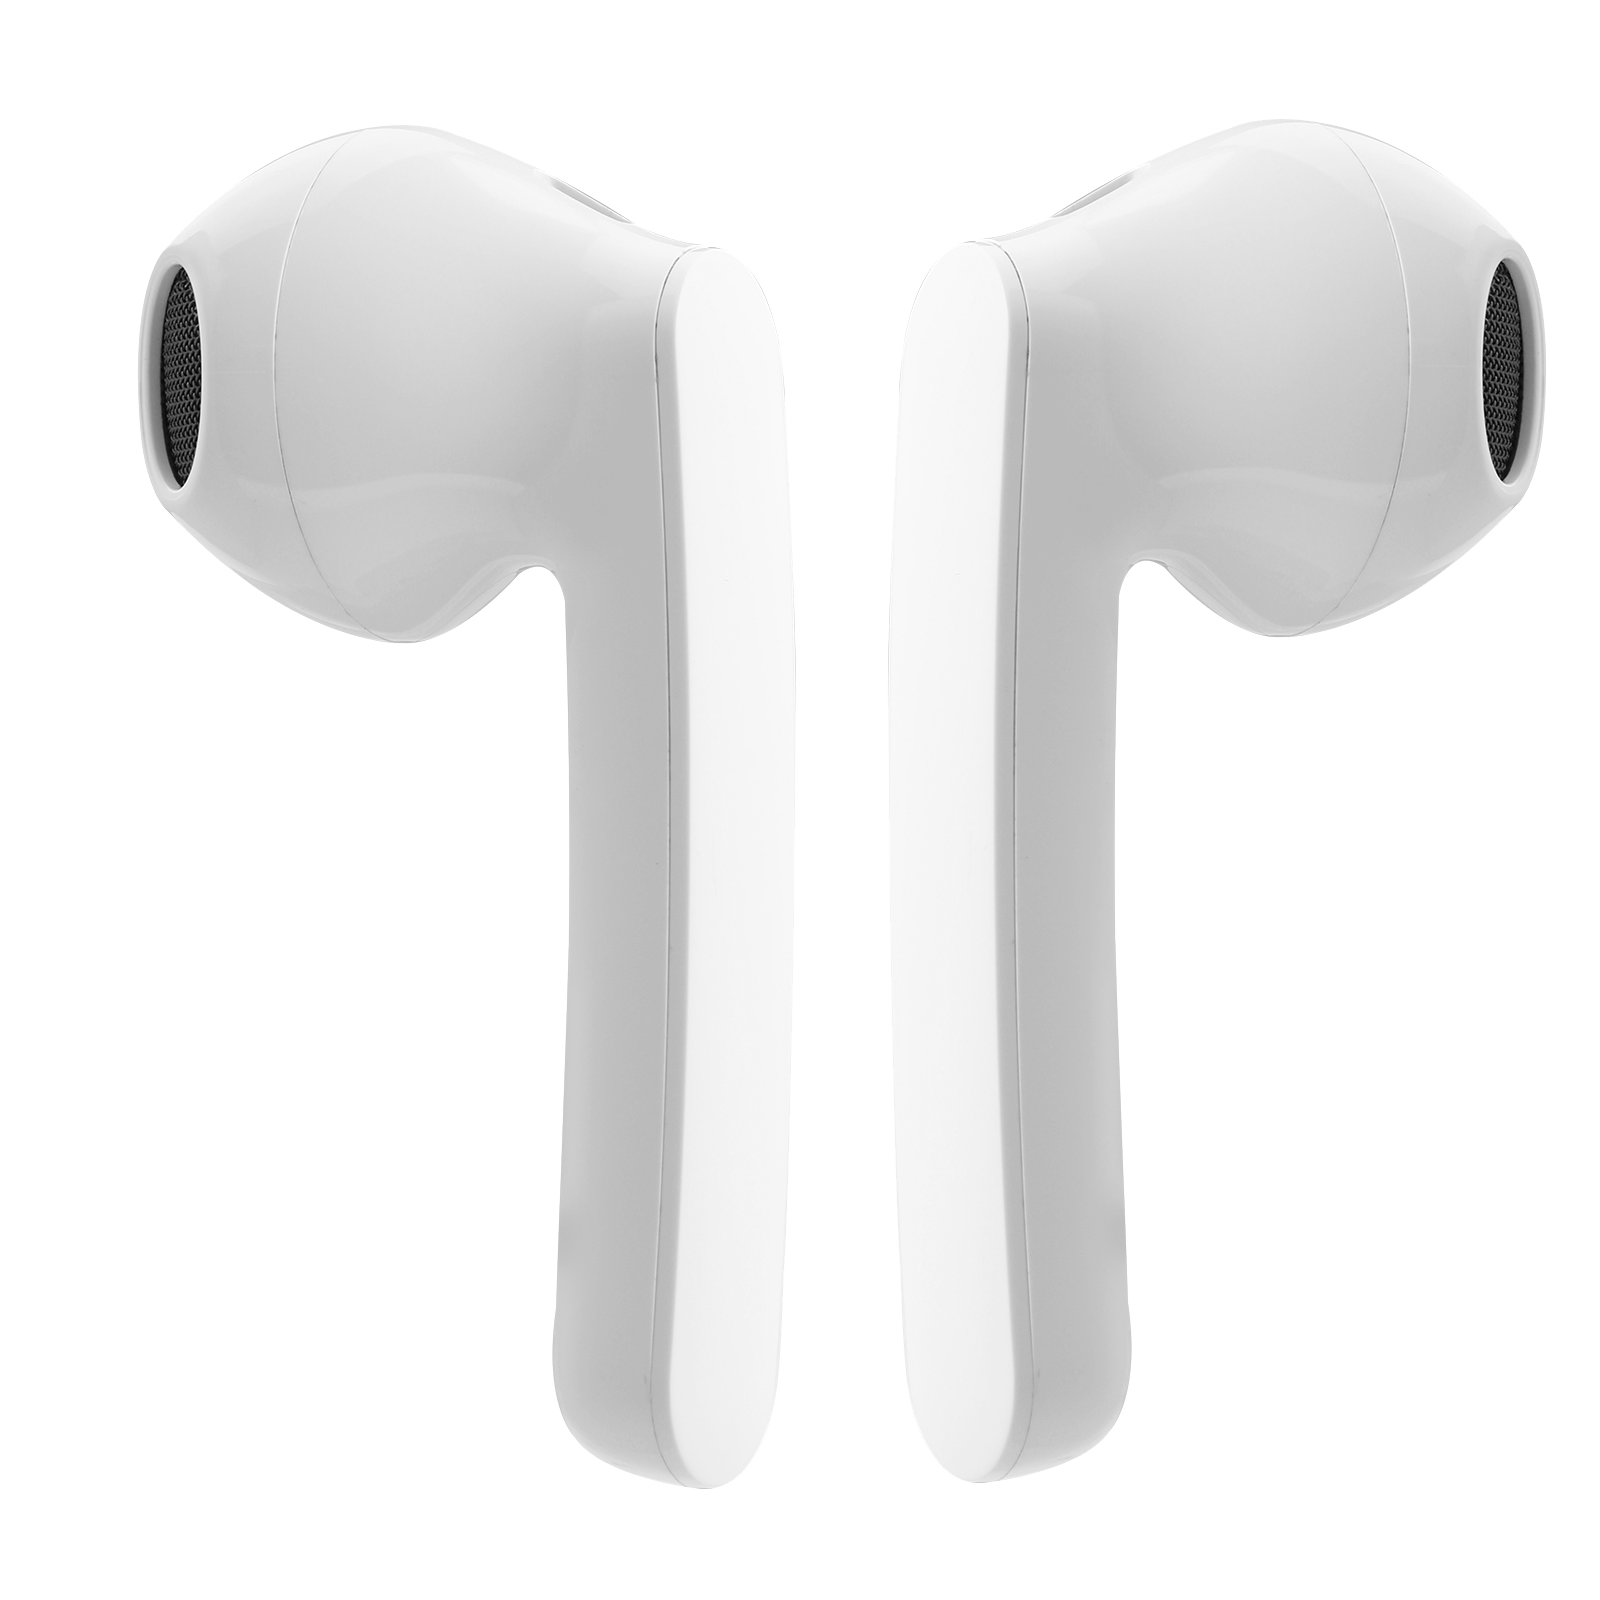 LUMIFORD Max T85 True Wireless Earbuds